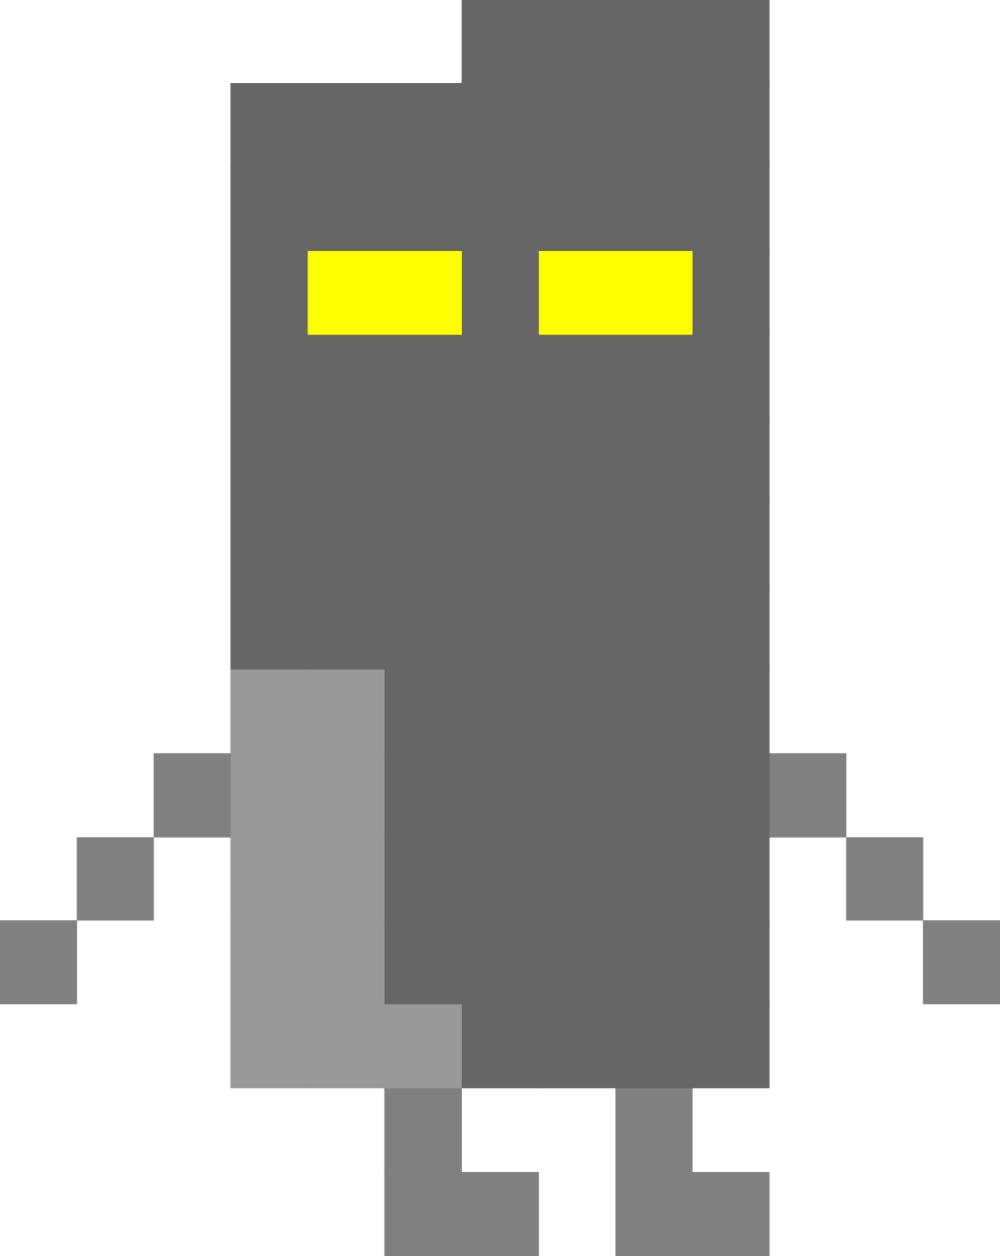 pixel2.png